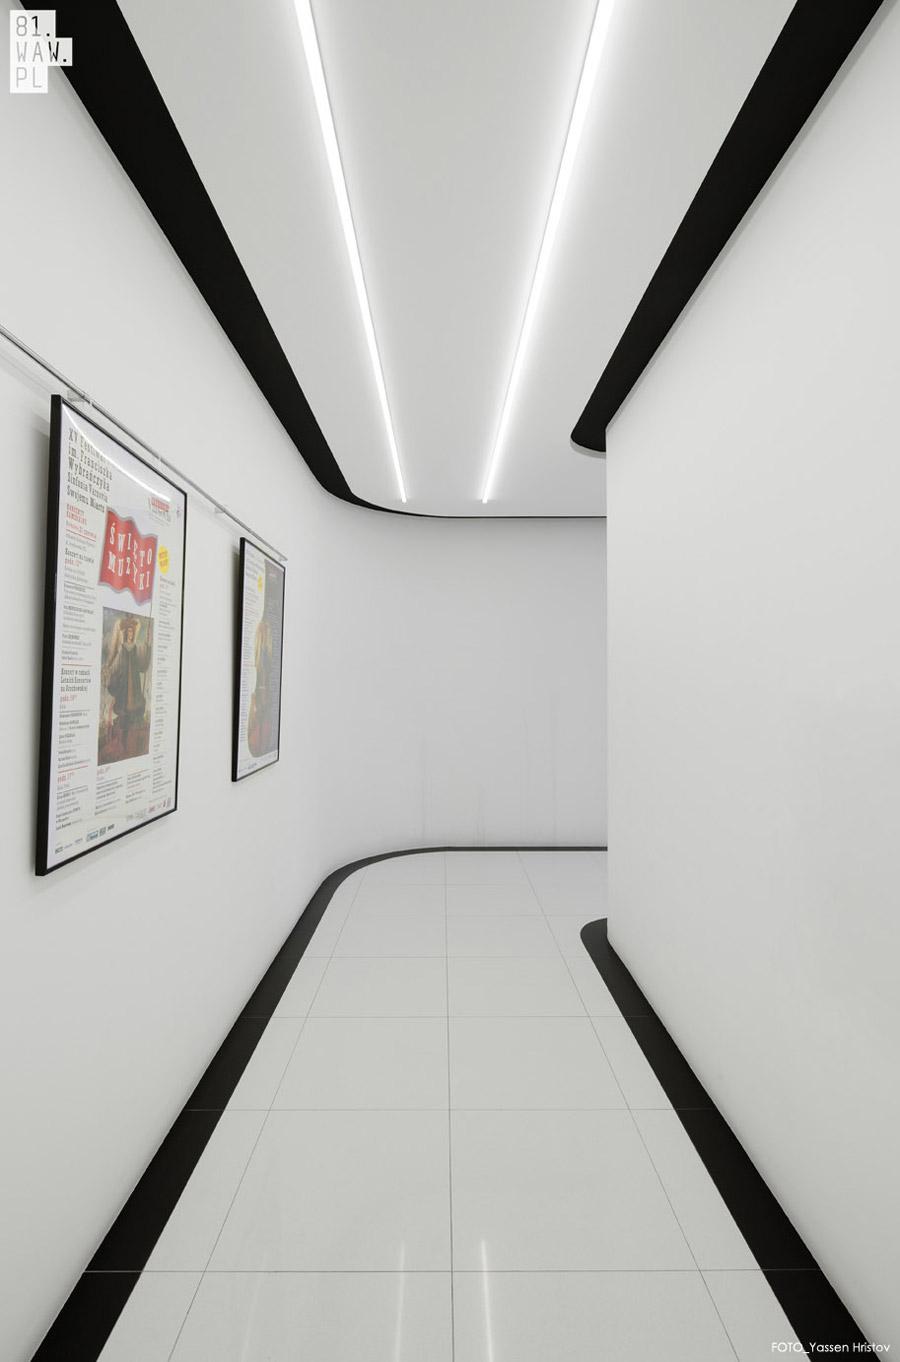 Klub studencki GAMA w Warszawie. Projekt wnętrz: 81.WAW.PL